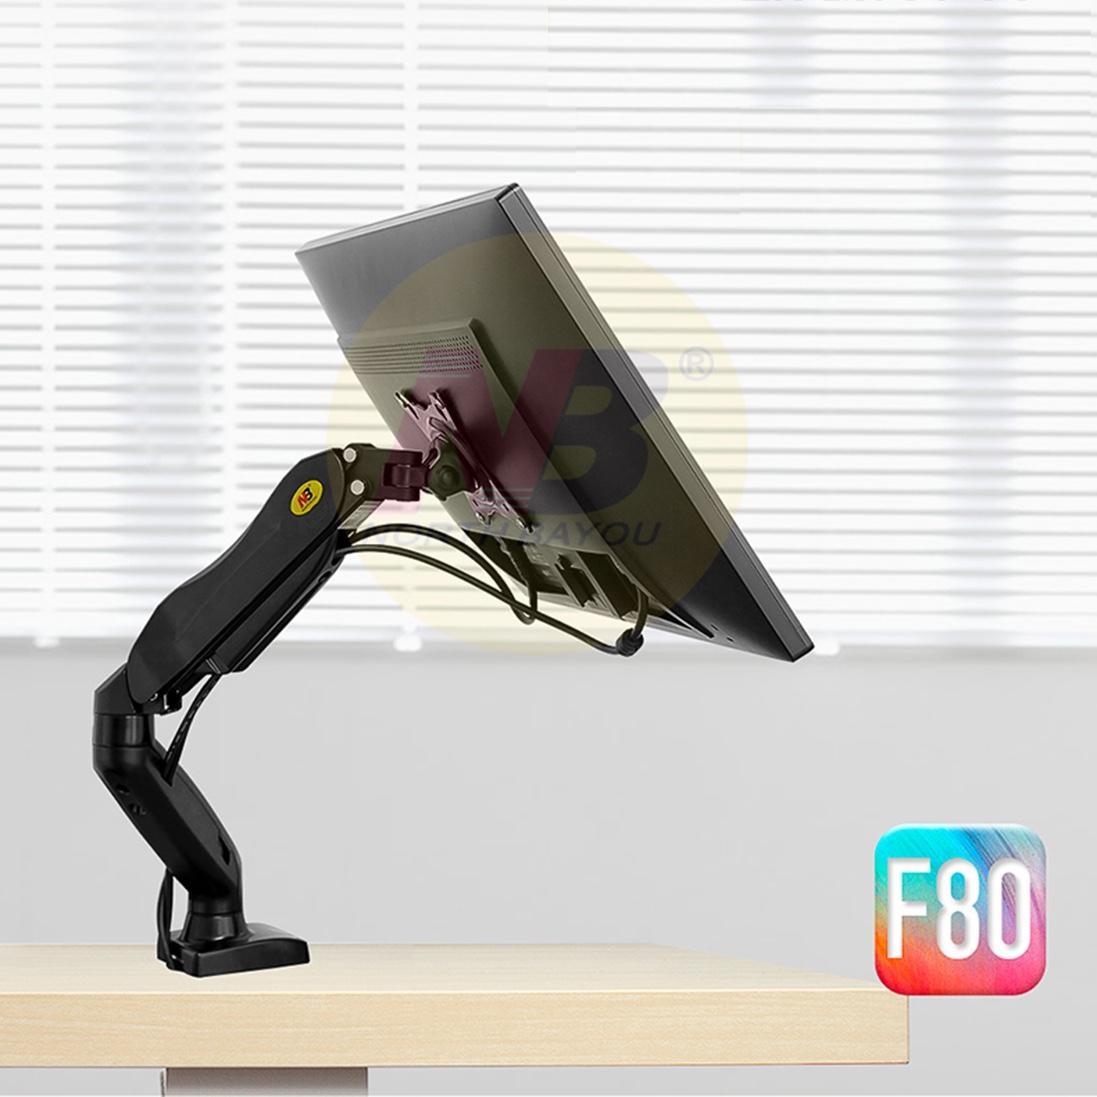 Hình ảnh Giá đỡ màn hình máy tính F80 17-27 inch - Xoay 360 độ